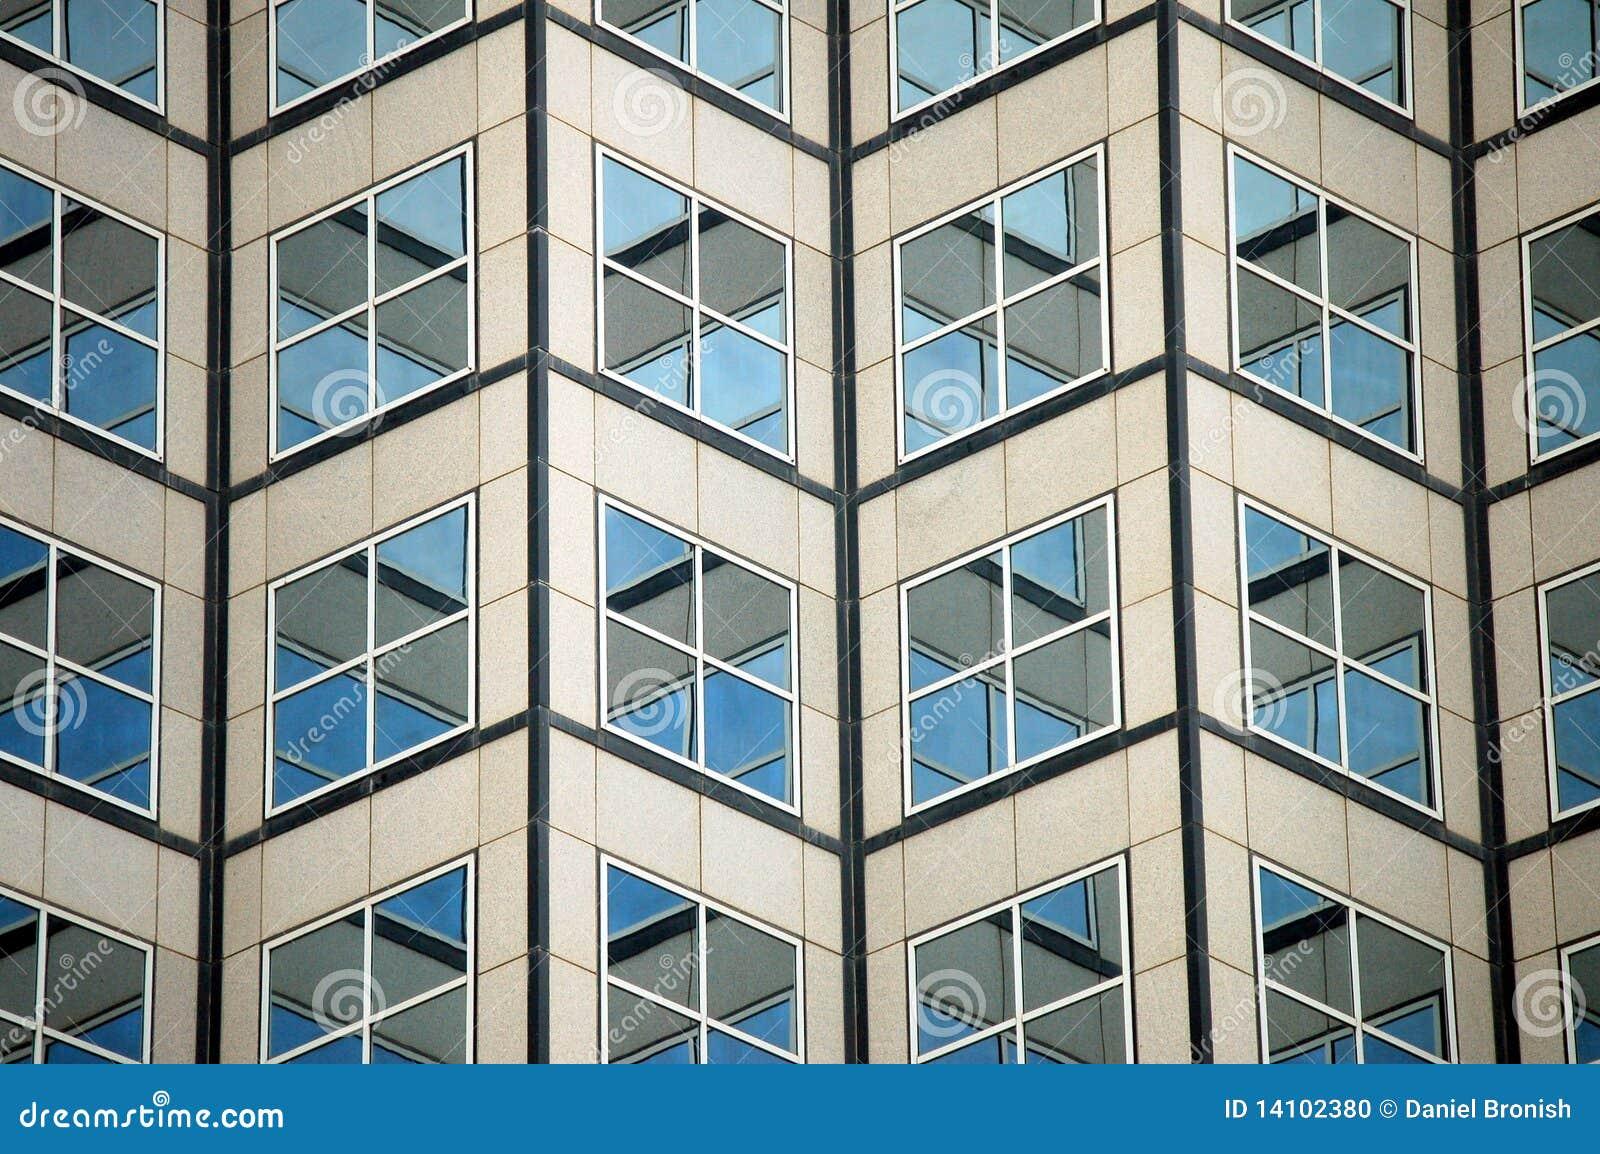 Architecture g om trique photo stock image 14102380 for Architecture geometrique